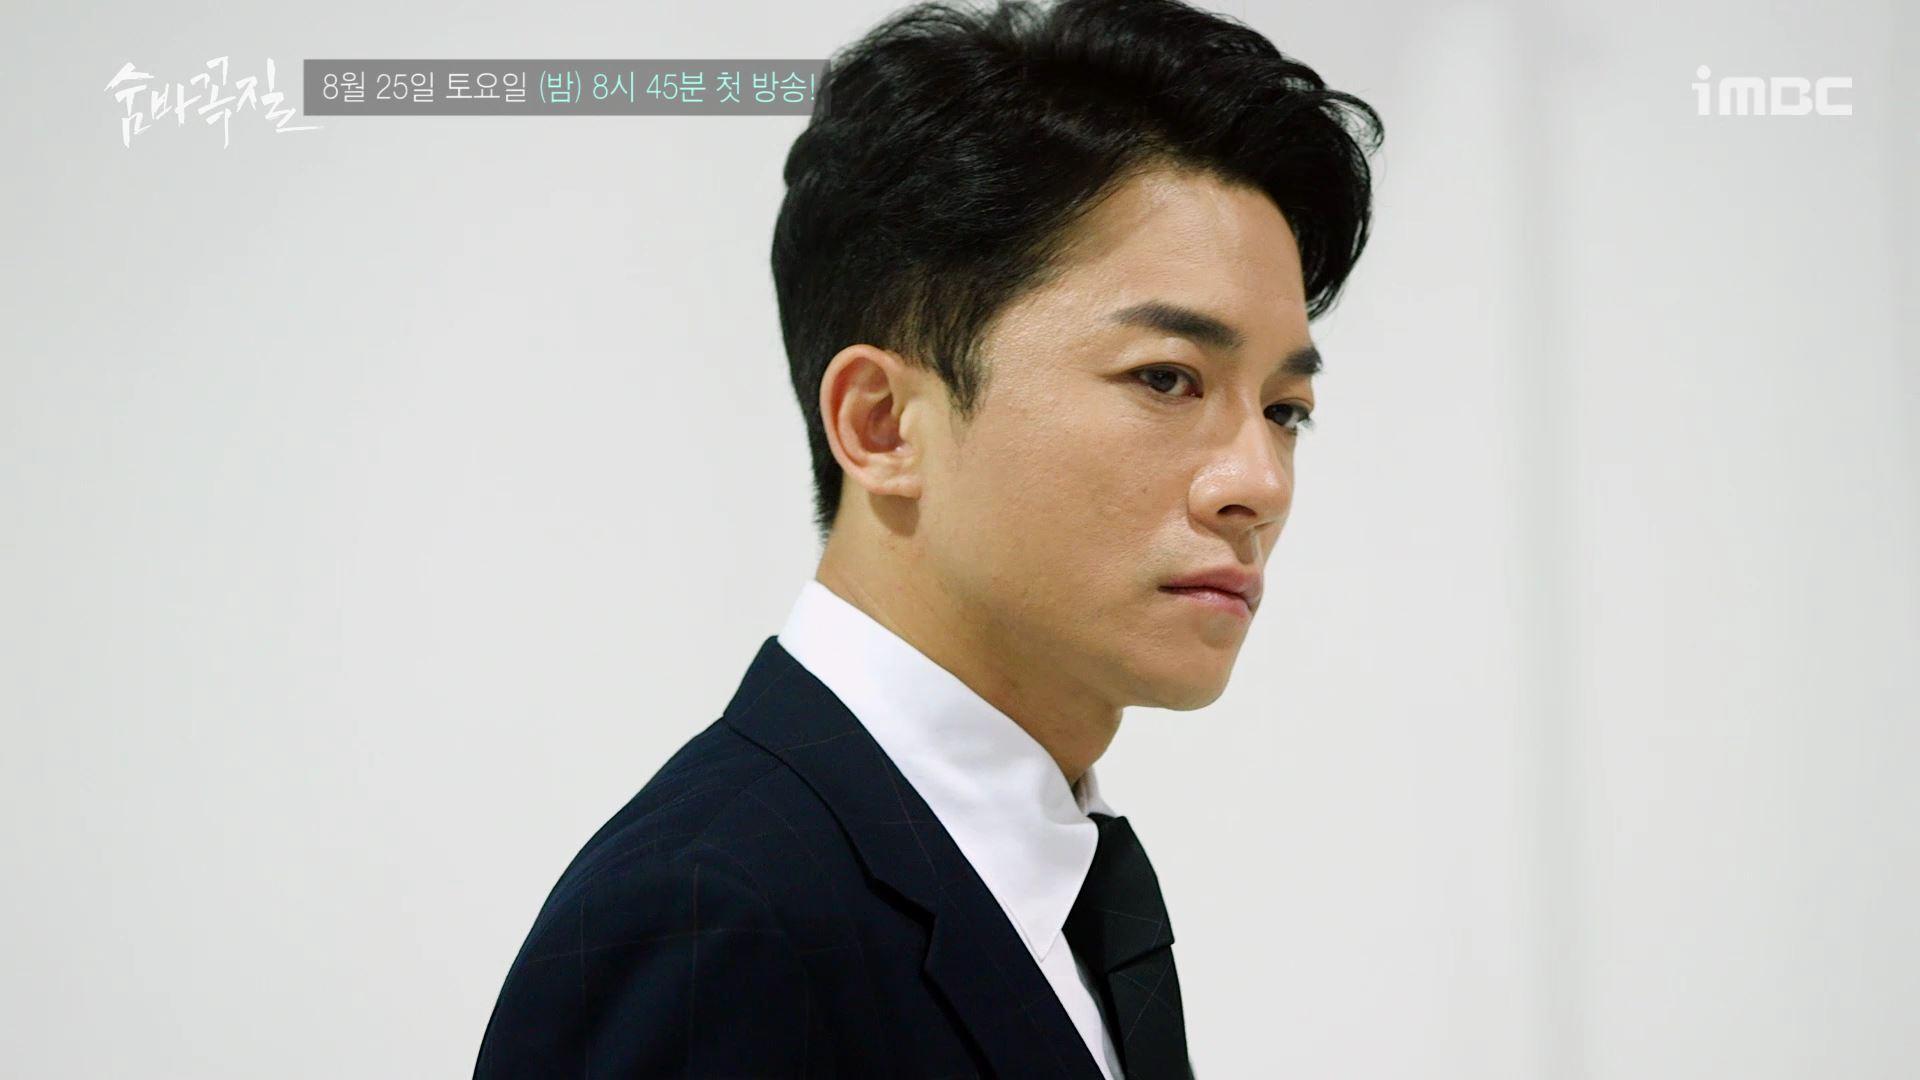 """[첫터뷰] '숨바꼭질' 김영민, """"럭비공처럼 어디로 튈 지 모르는 캐릭터"""""""